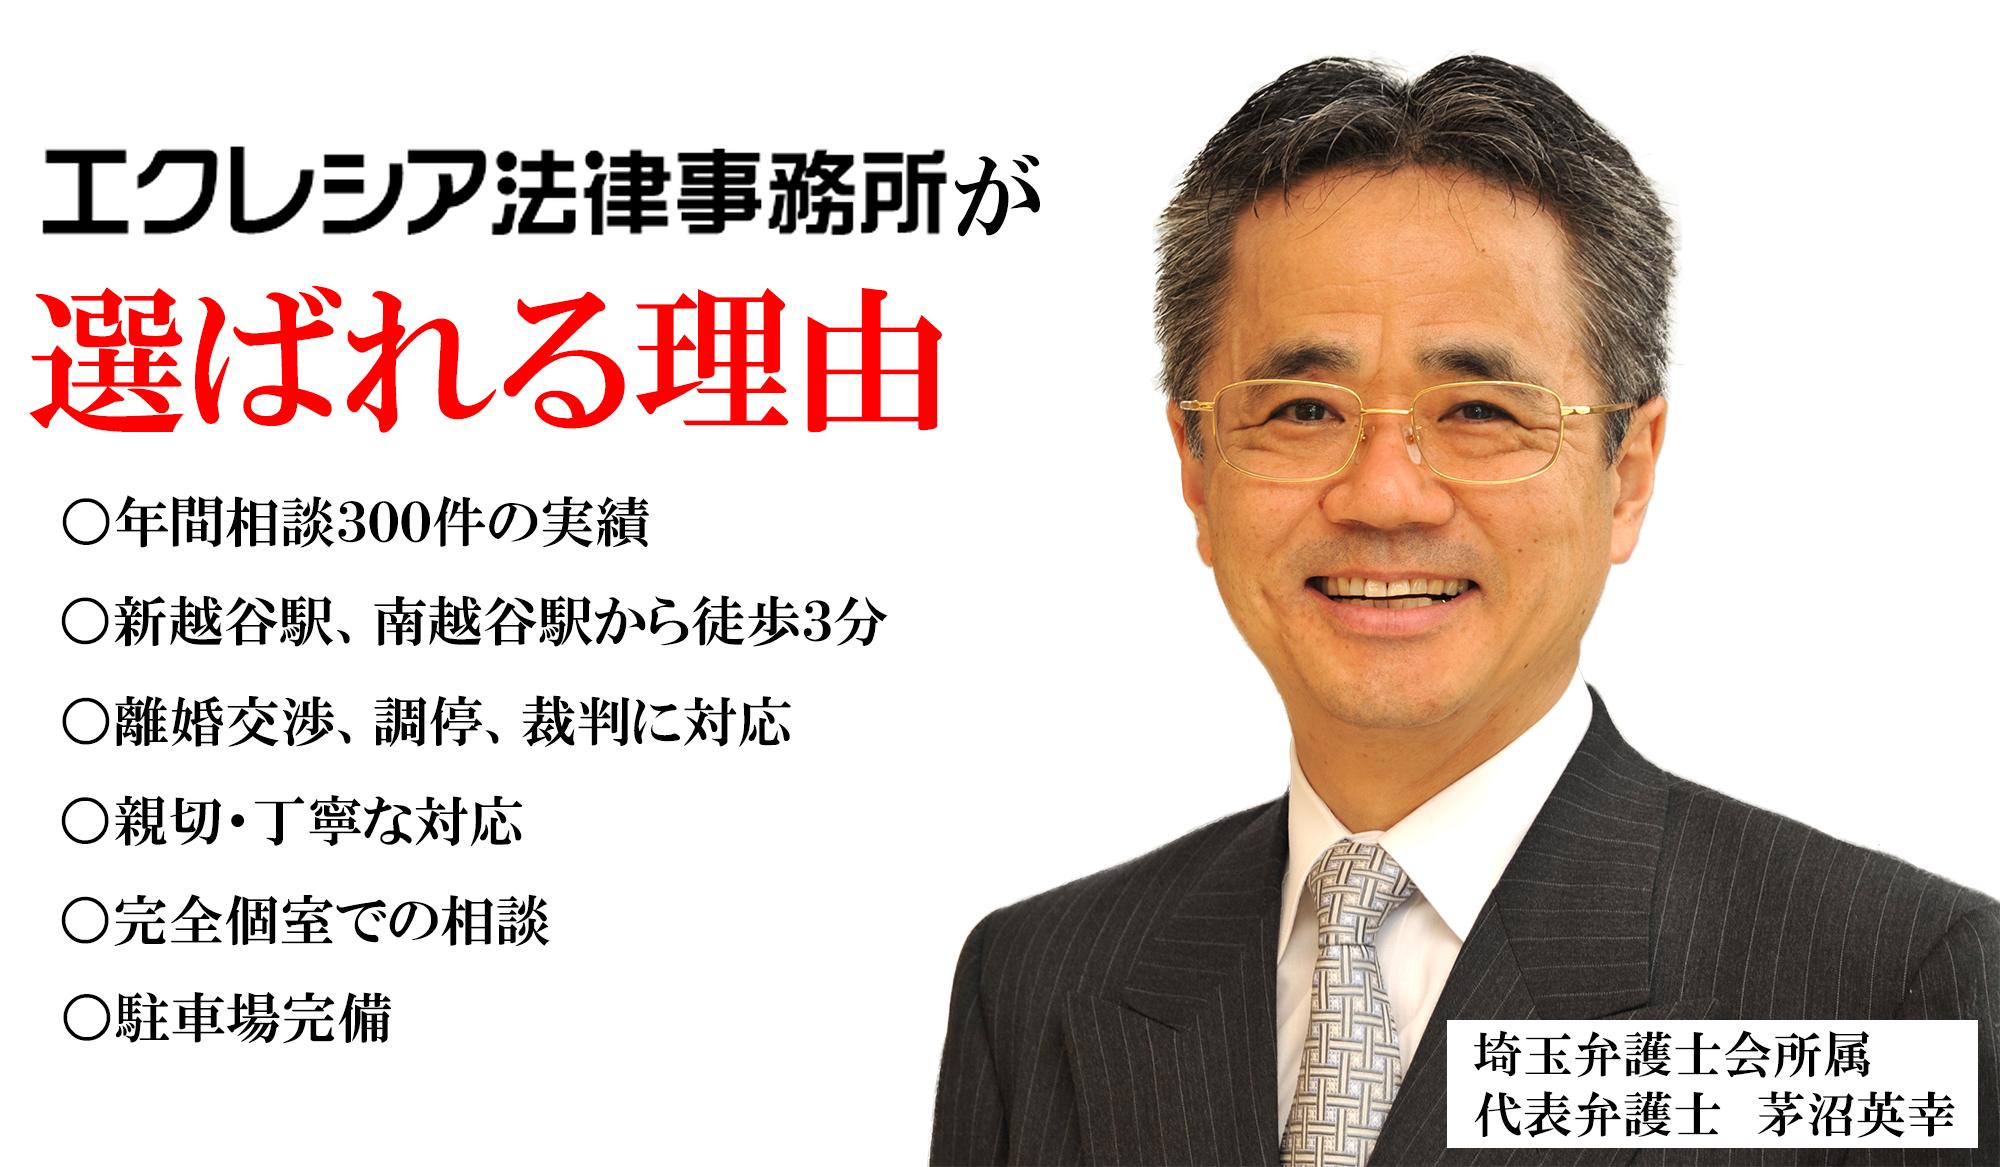 埼玉県越谷市周辺での離婚ならエクレシアの弁護士にお任せを!!